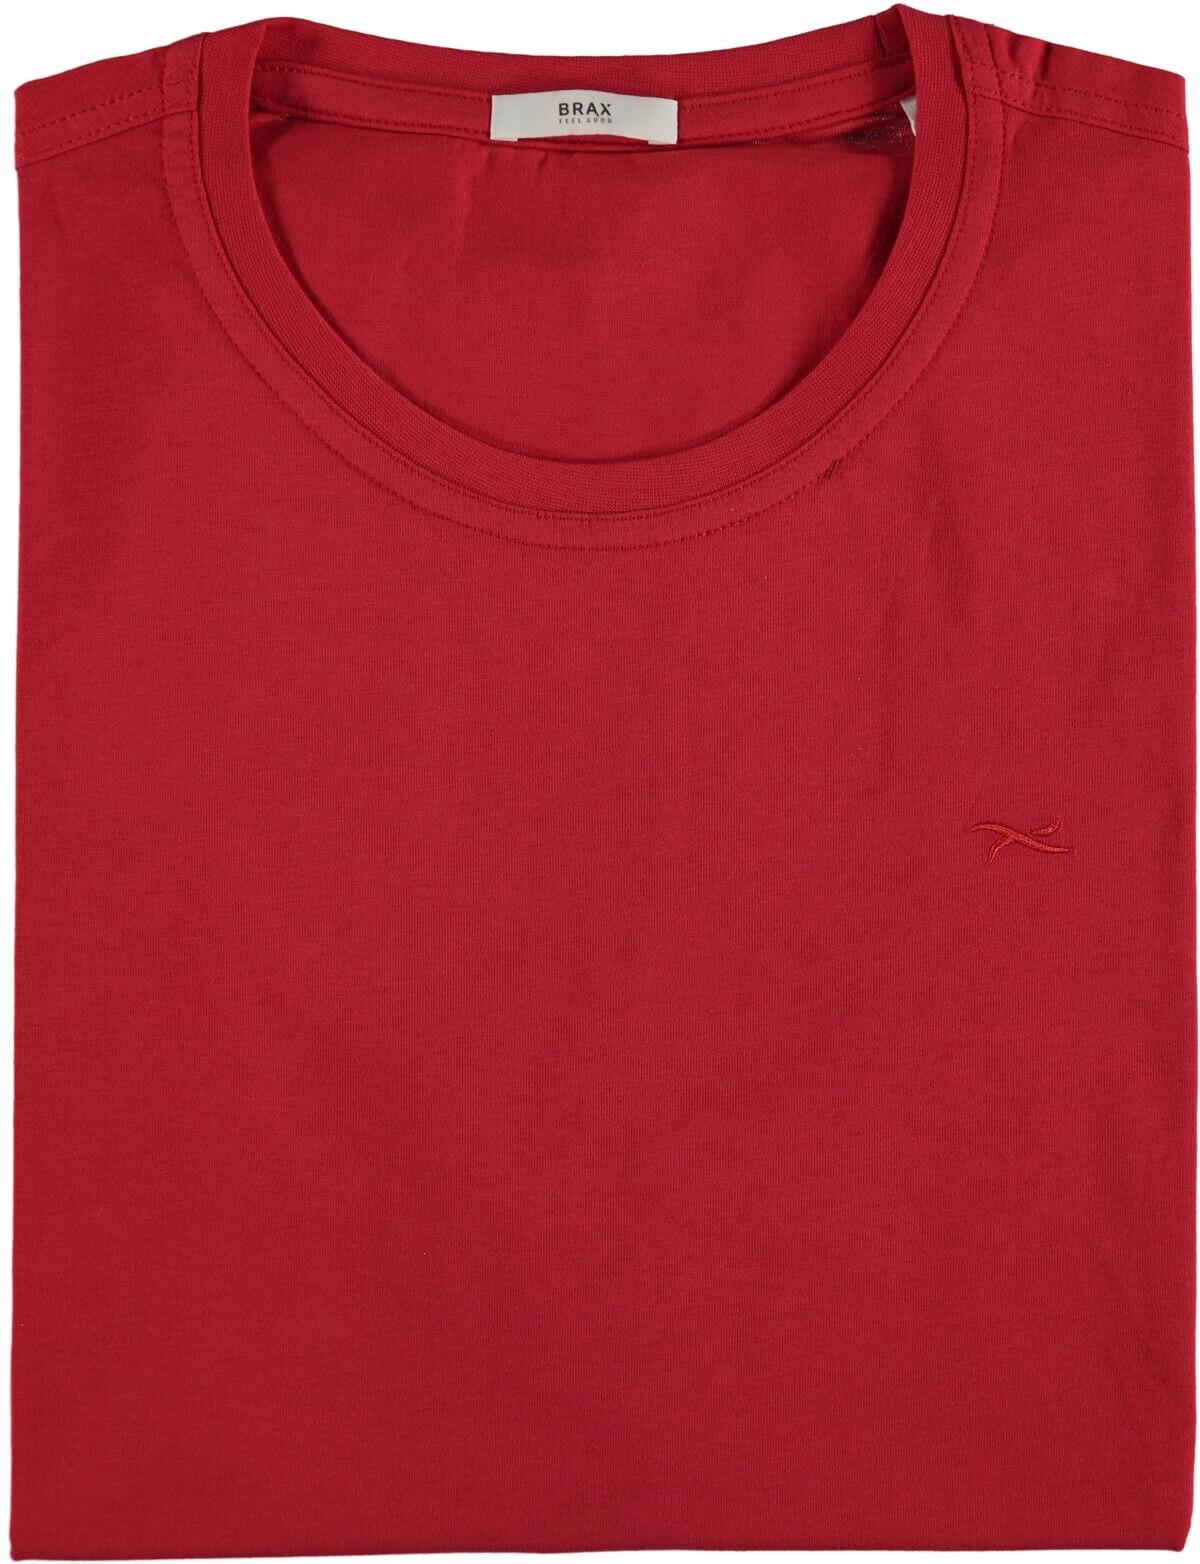 billiger Verkauf eine große Auswahl an Modellen Shop für authentische BRAX T-Shirt Tommy rot